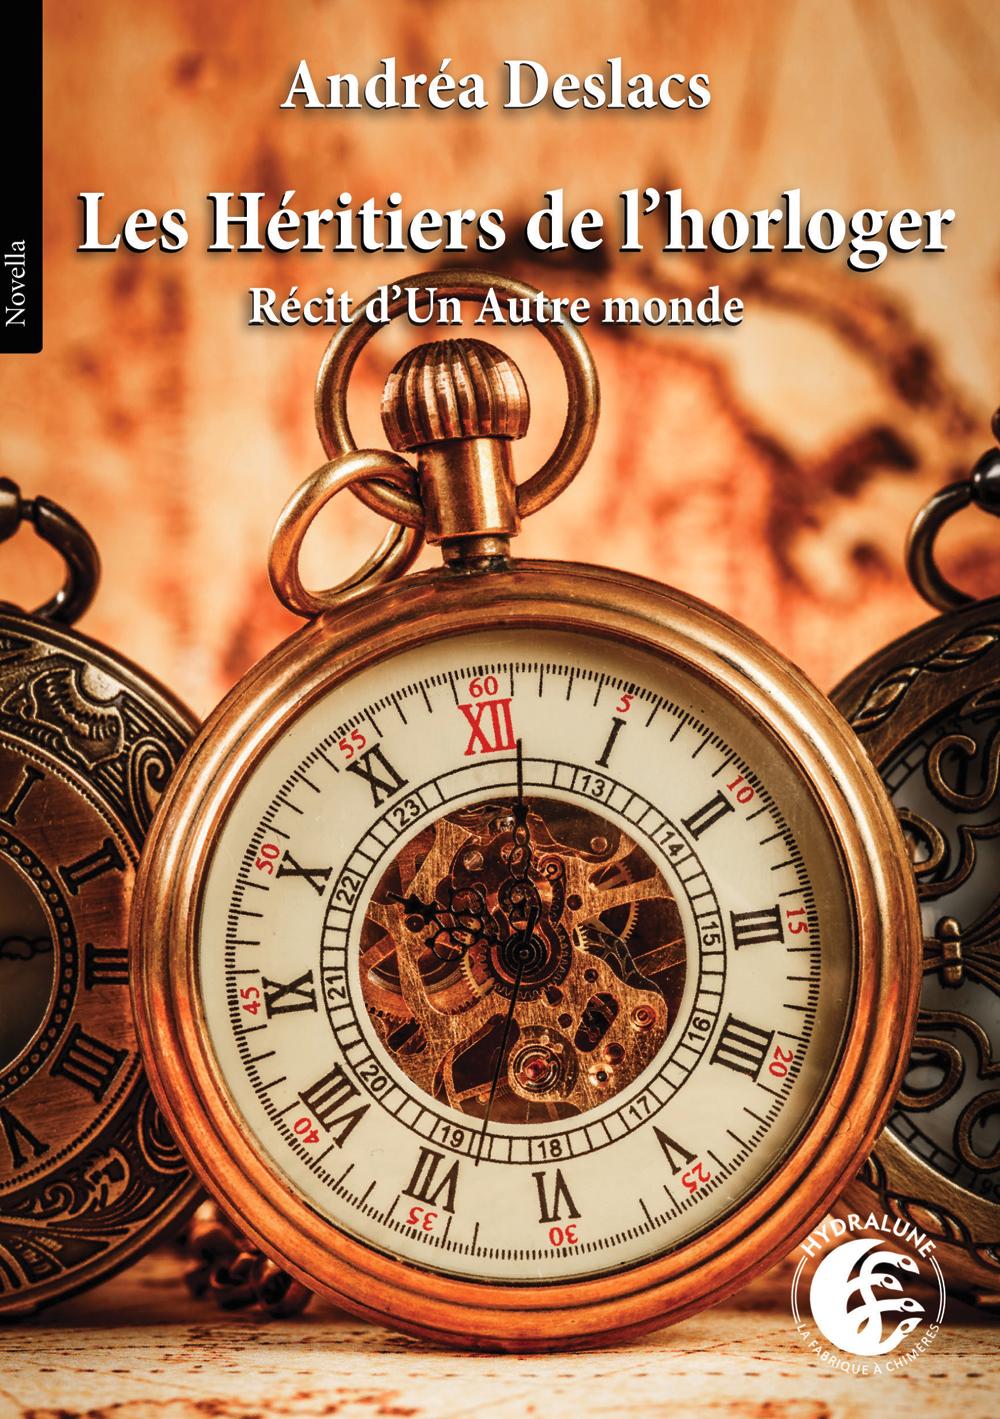 Sortie de Les Héritiers de l'horloger, d'Andréa Deslacs